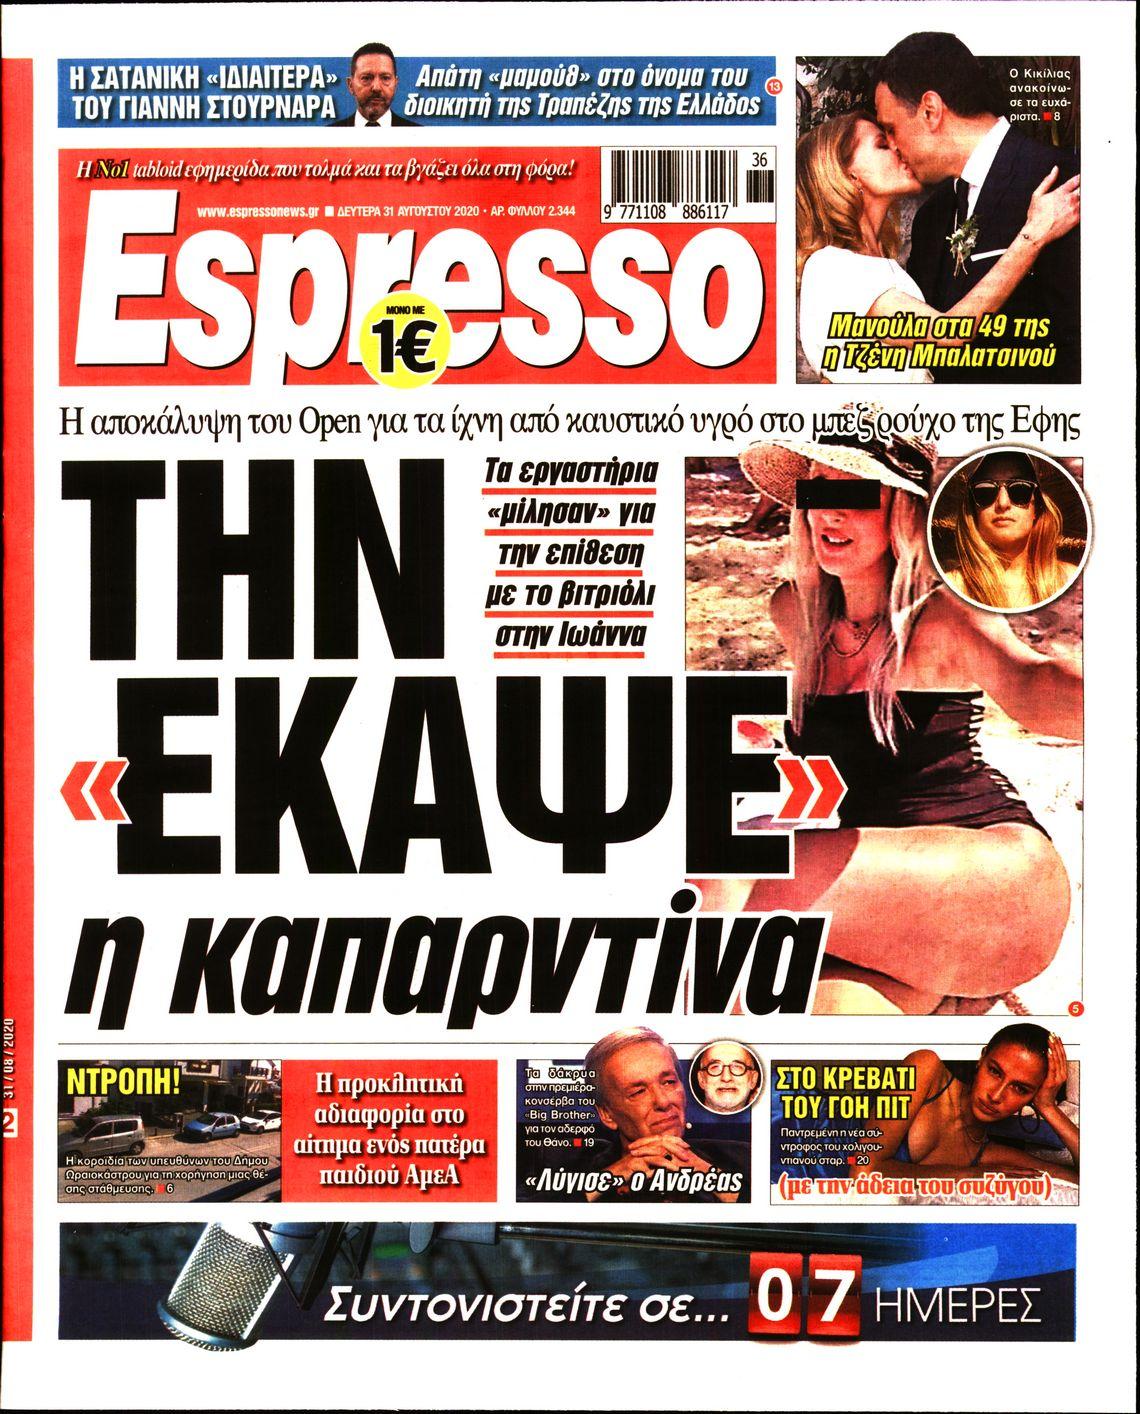 https://www.newsbeast.gr/files/1/newspapers/2020/08/31/27374657_563.jpg